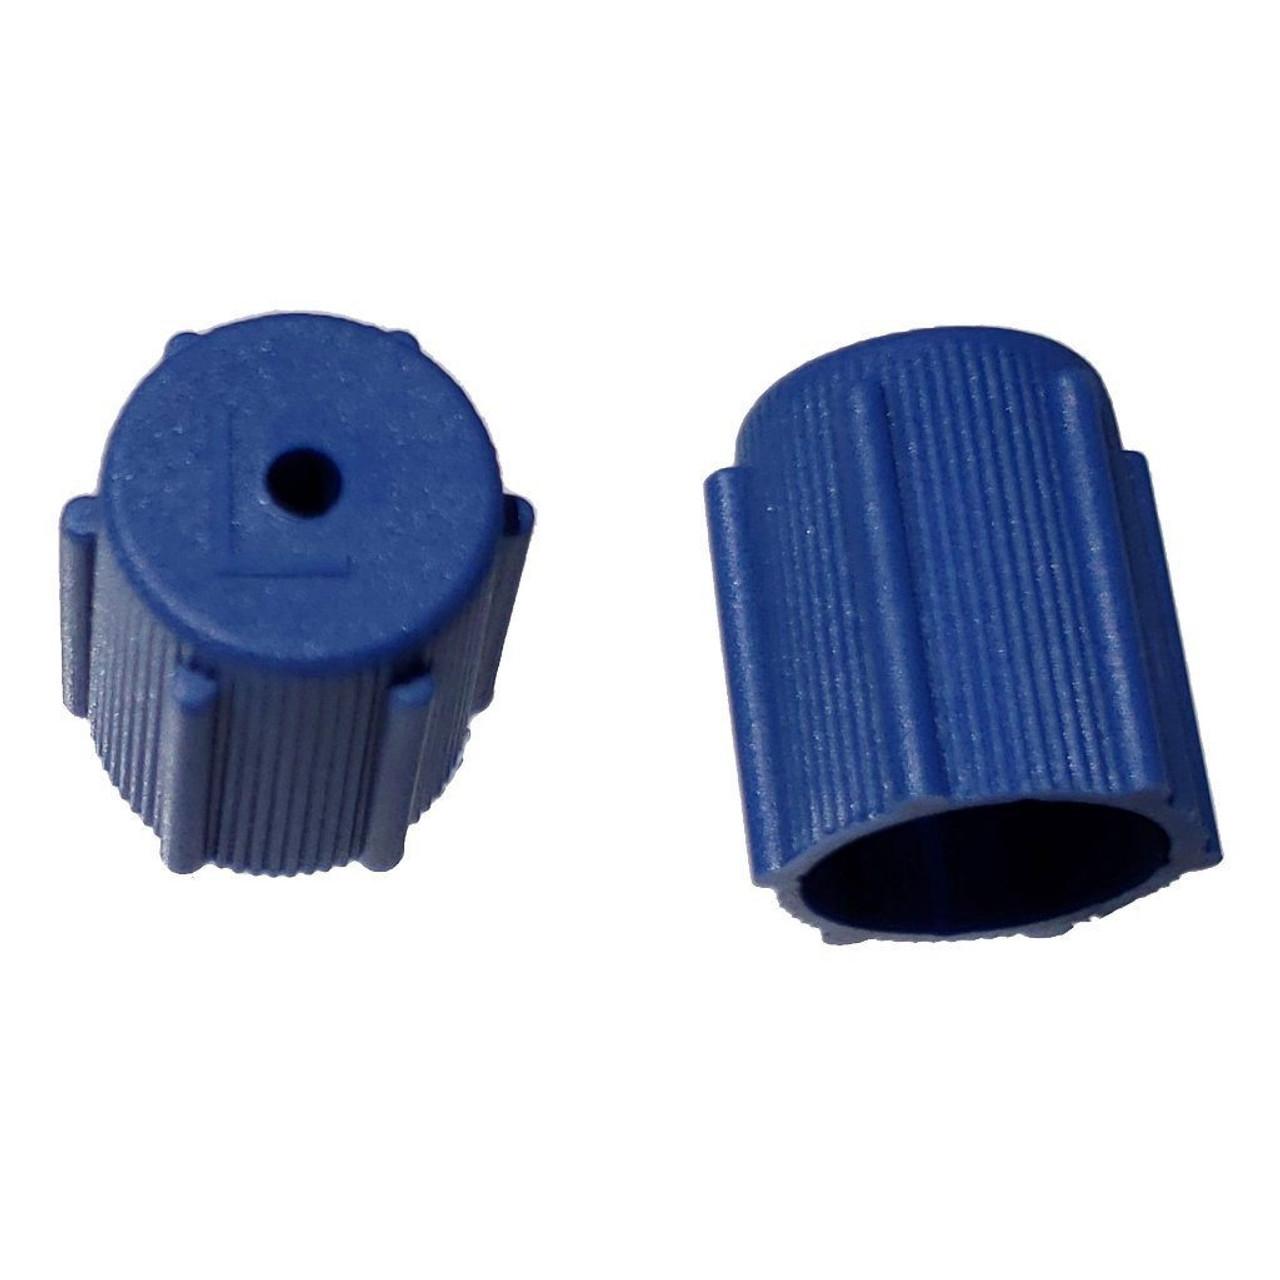 AC Service Port Cap - Blue Low Side M8x1.0 - Interchanges: MT0063, 59987